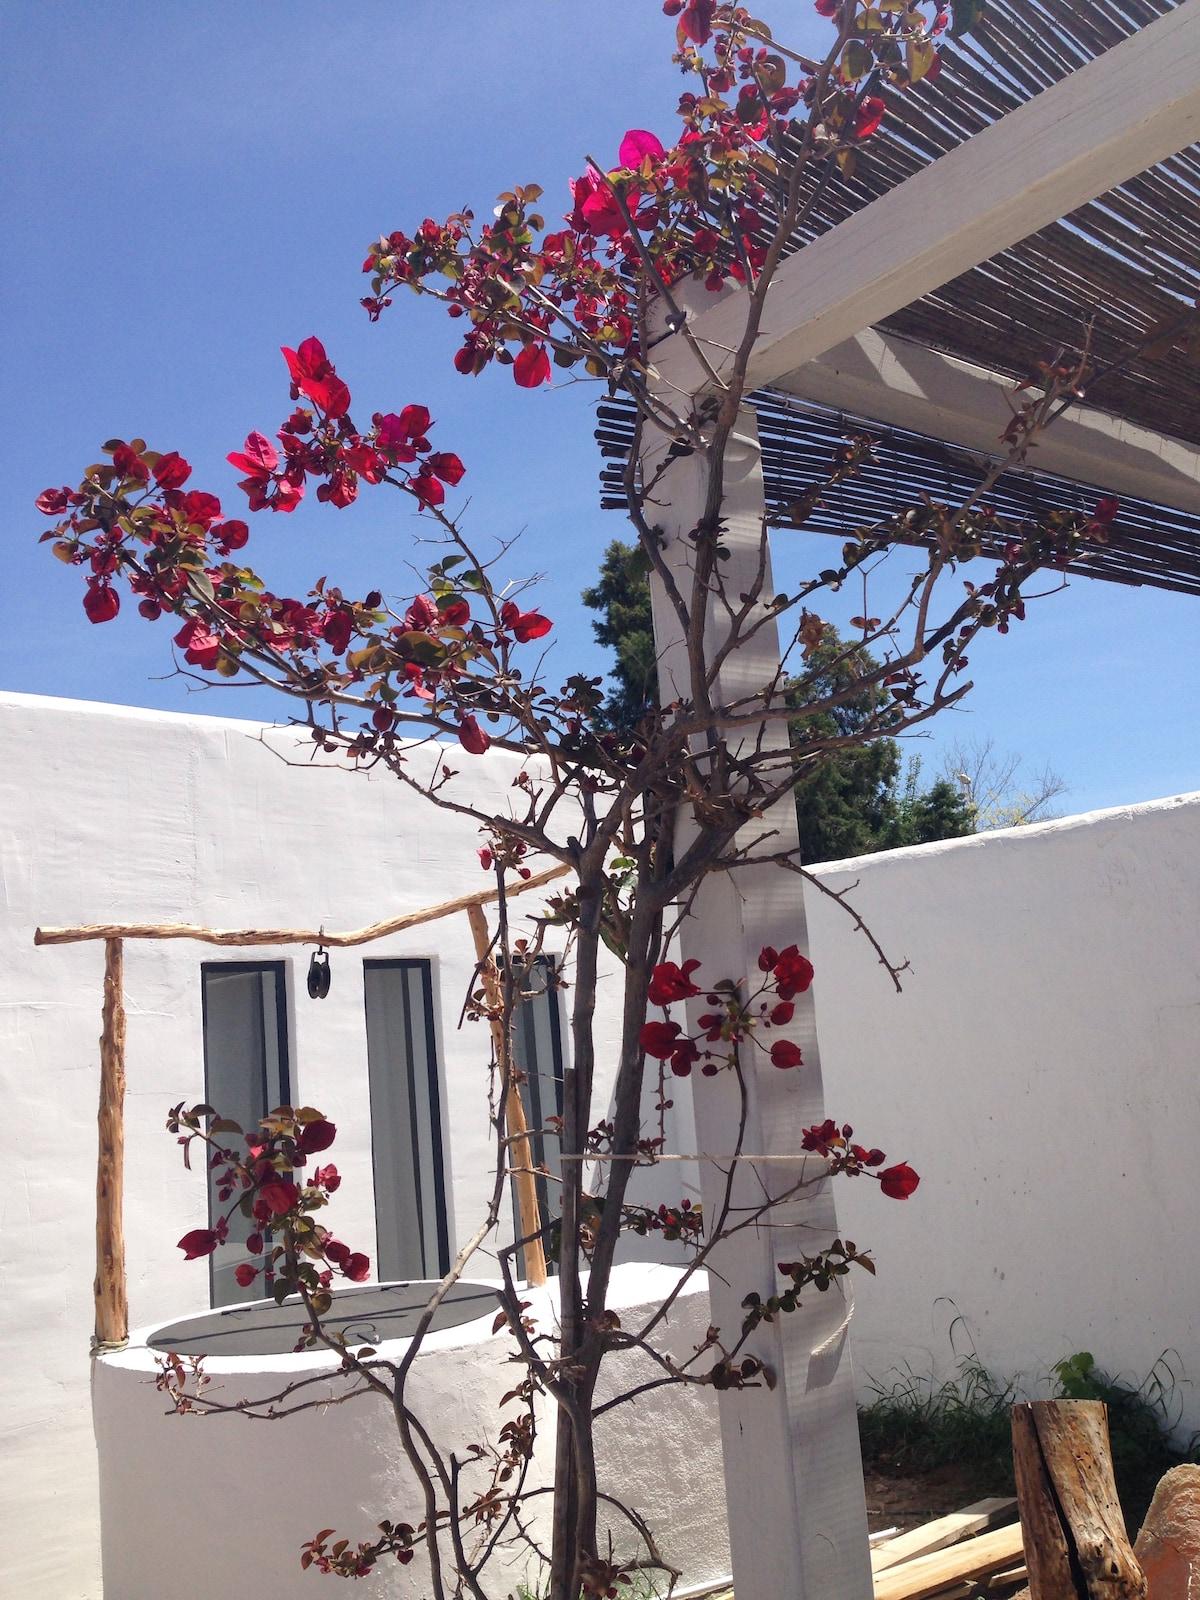 Silke from Ibiza